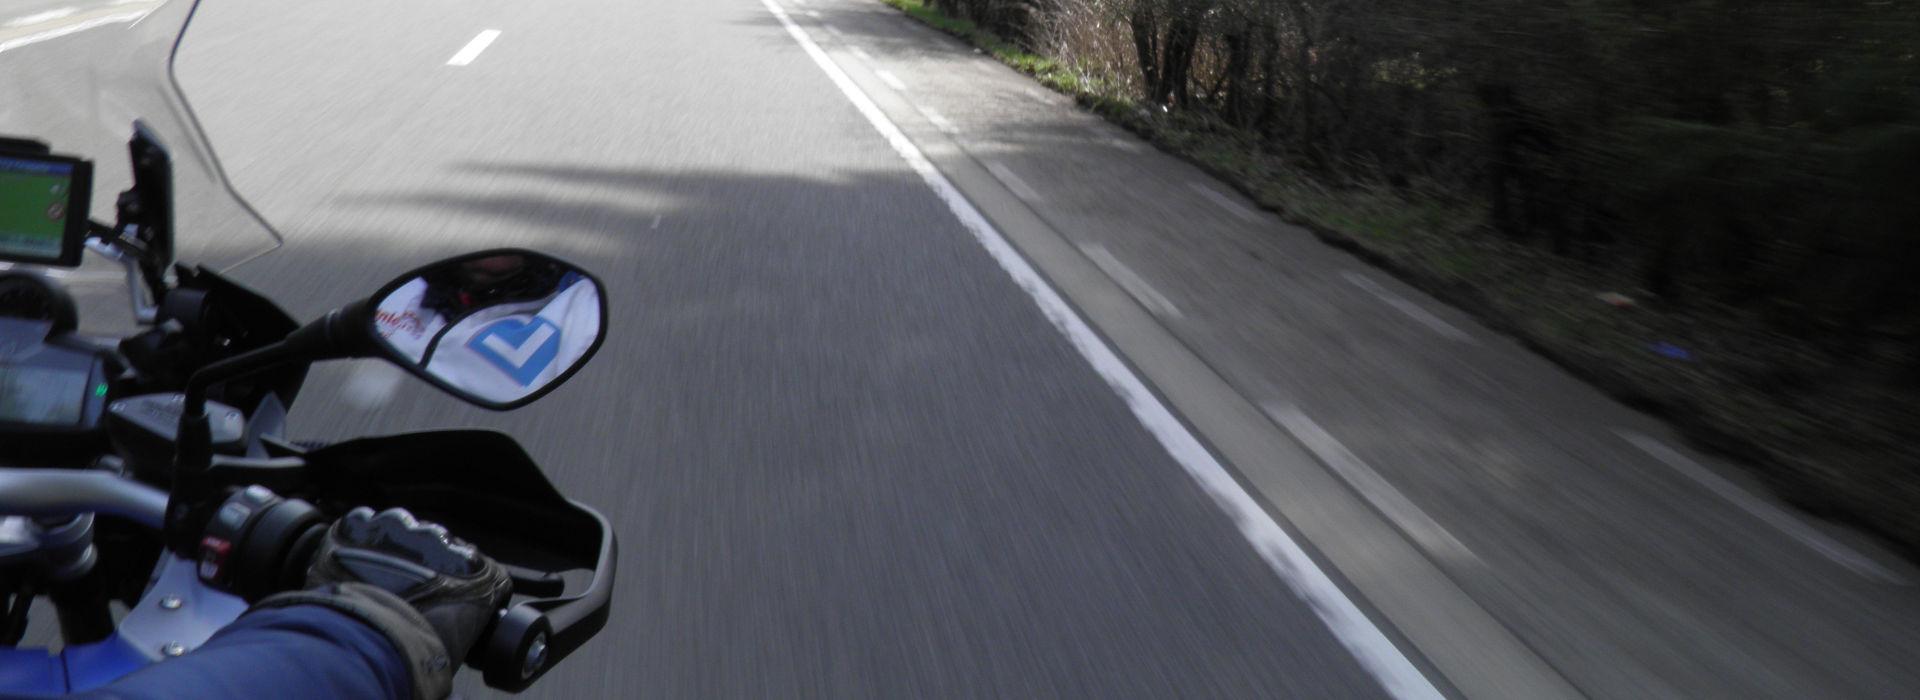 Motorrijbewijspoint Oud Beijerland spoed motorrijbewijs